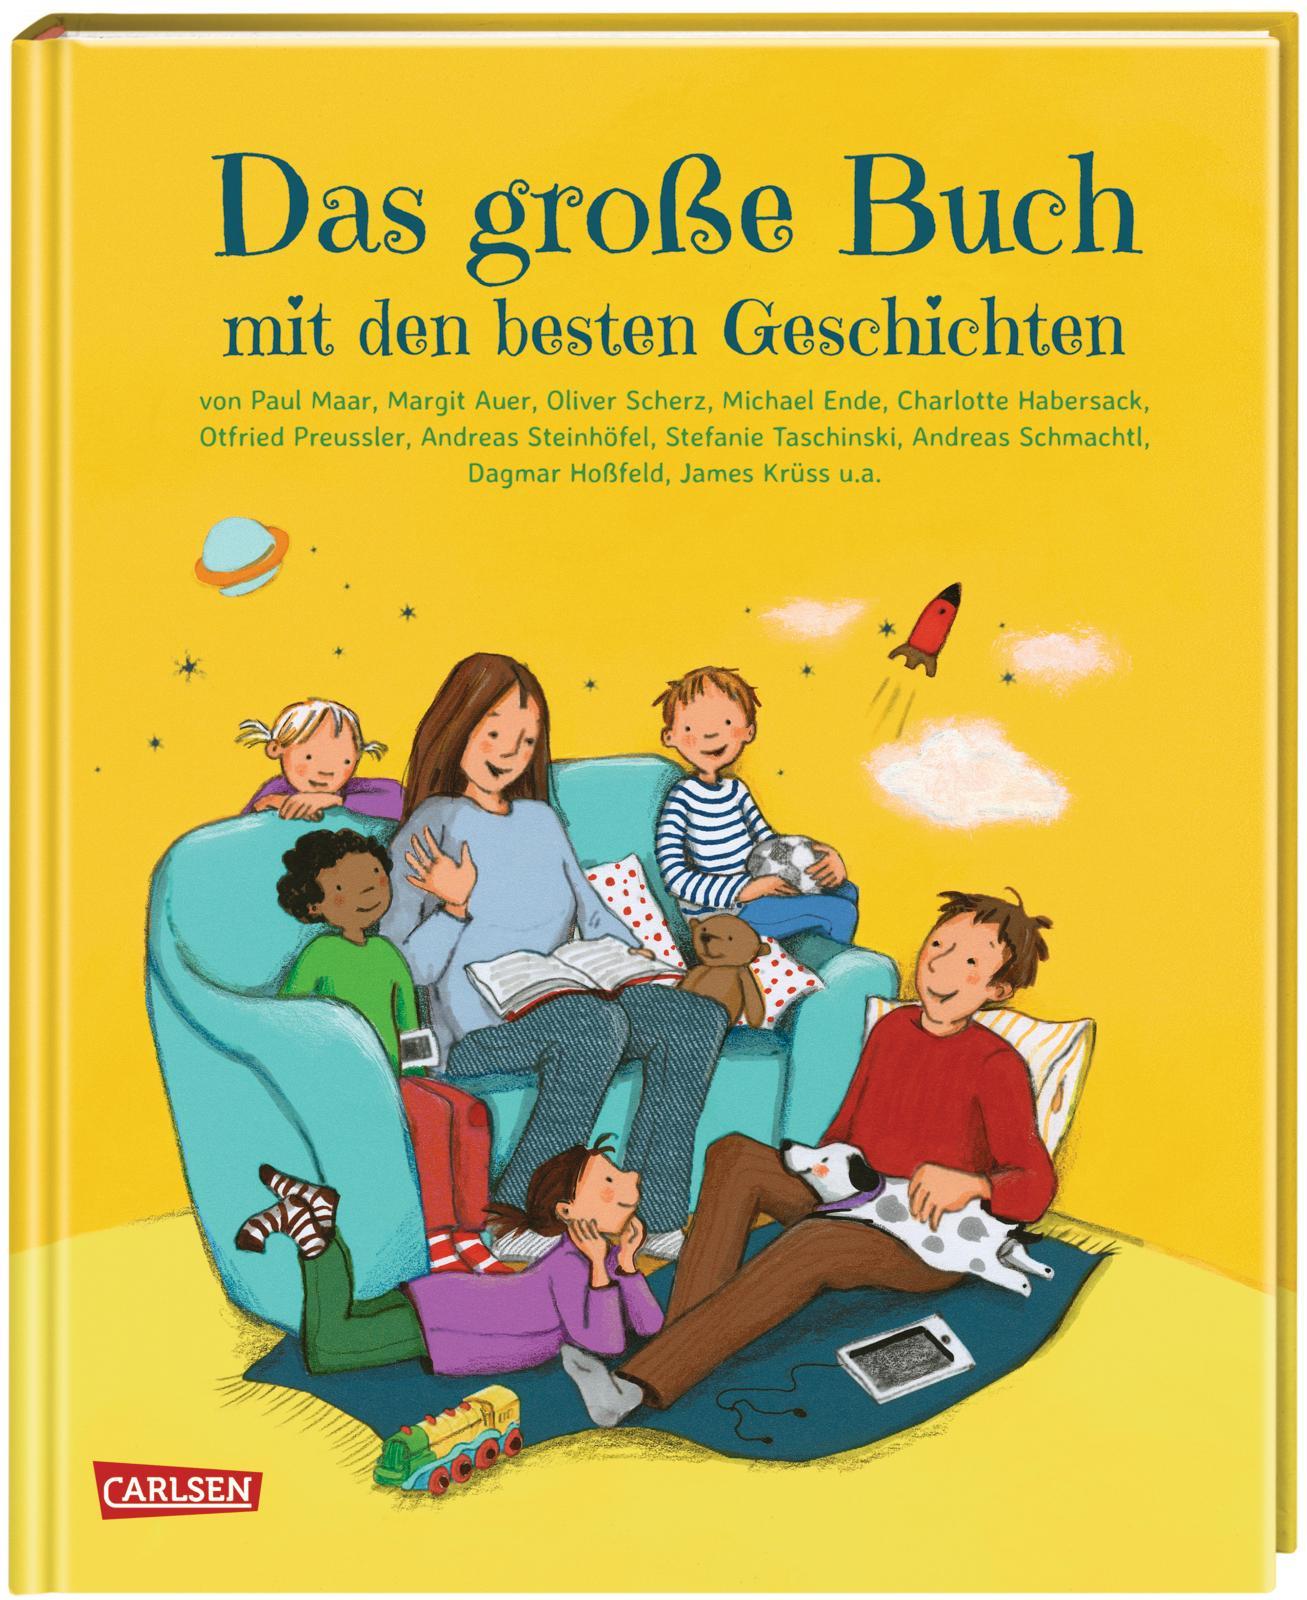 vorlesen, Vorlesetag, Famlie, Kindergarten, ab 3 Jahren, Vorlesegeschichten, bekannte Autoren, Vorlesen ist wichtig